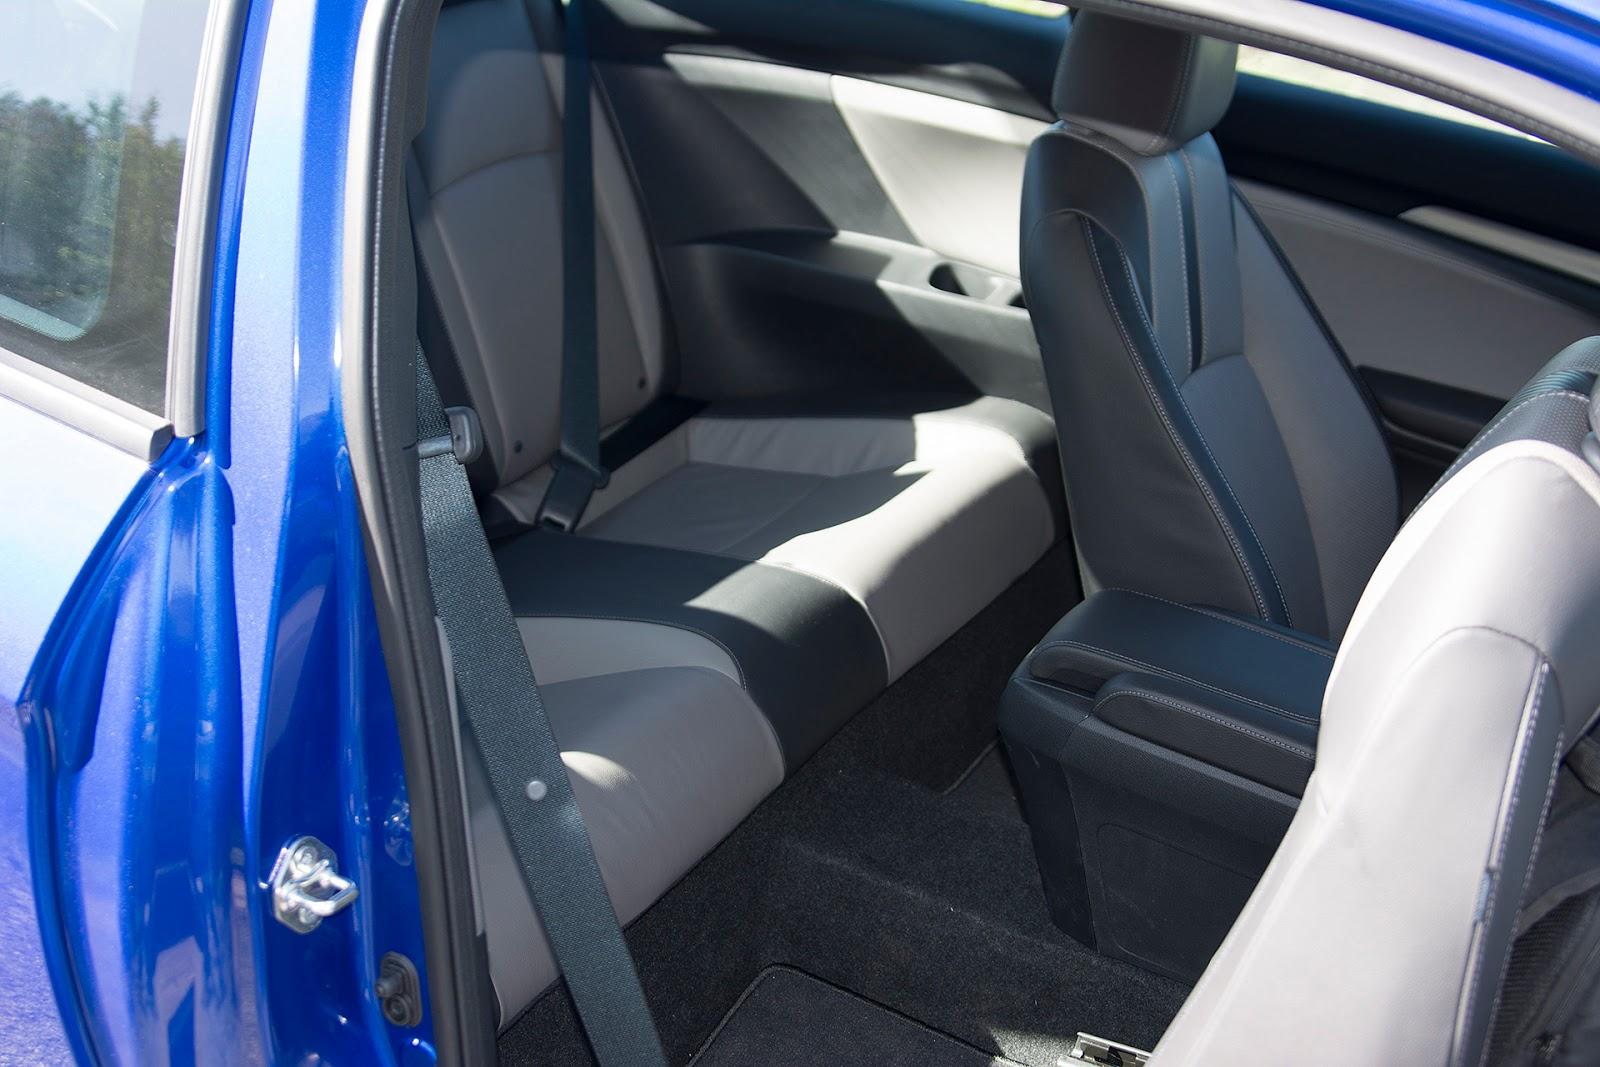 Đánh giá xe Honda Civic Coupe 2016 - Chiếc coupe giá rẻ cực hấp dẫn